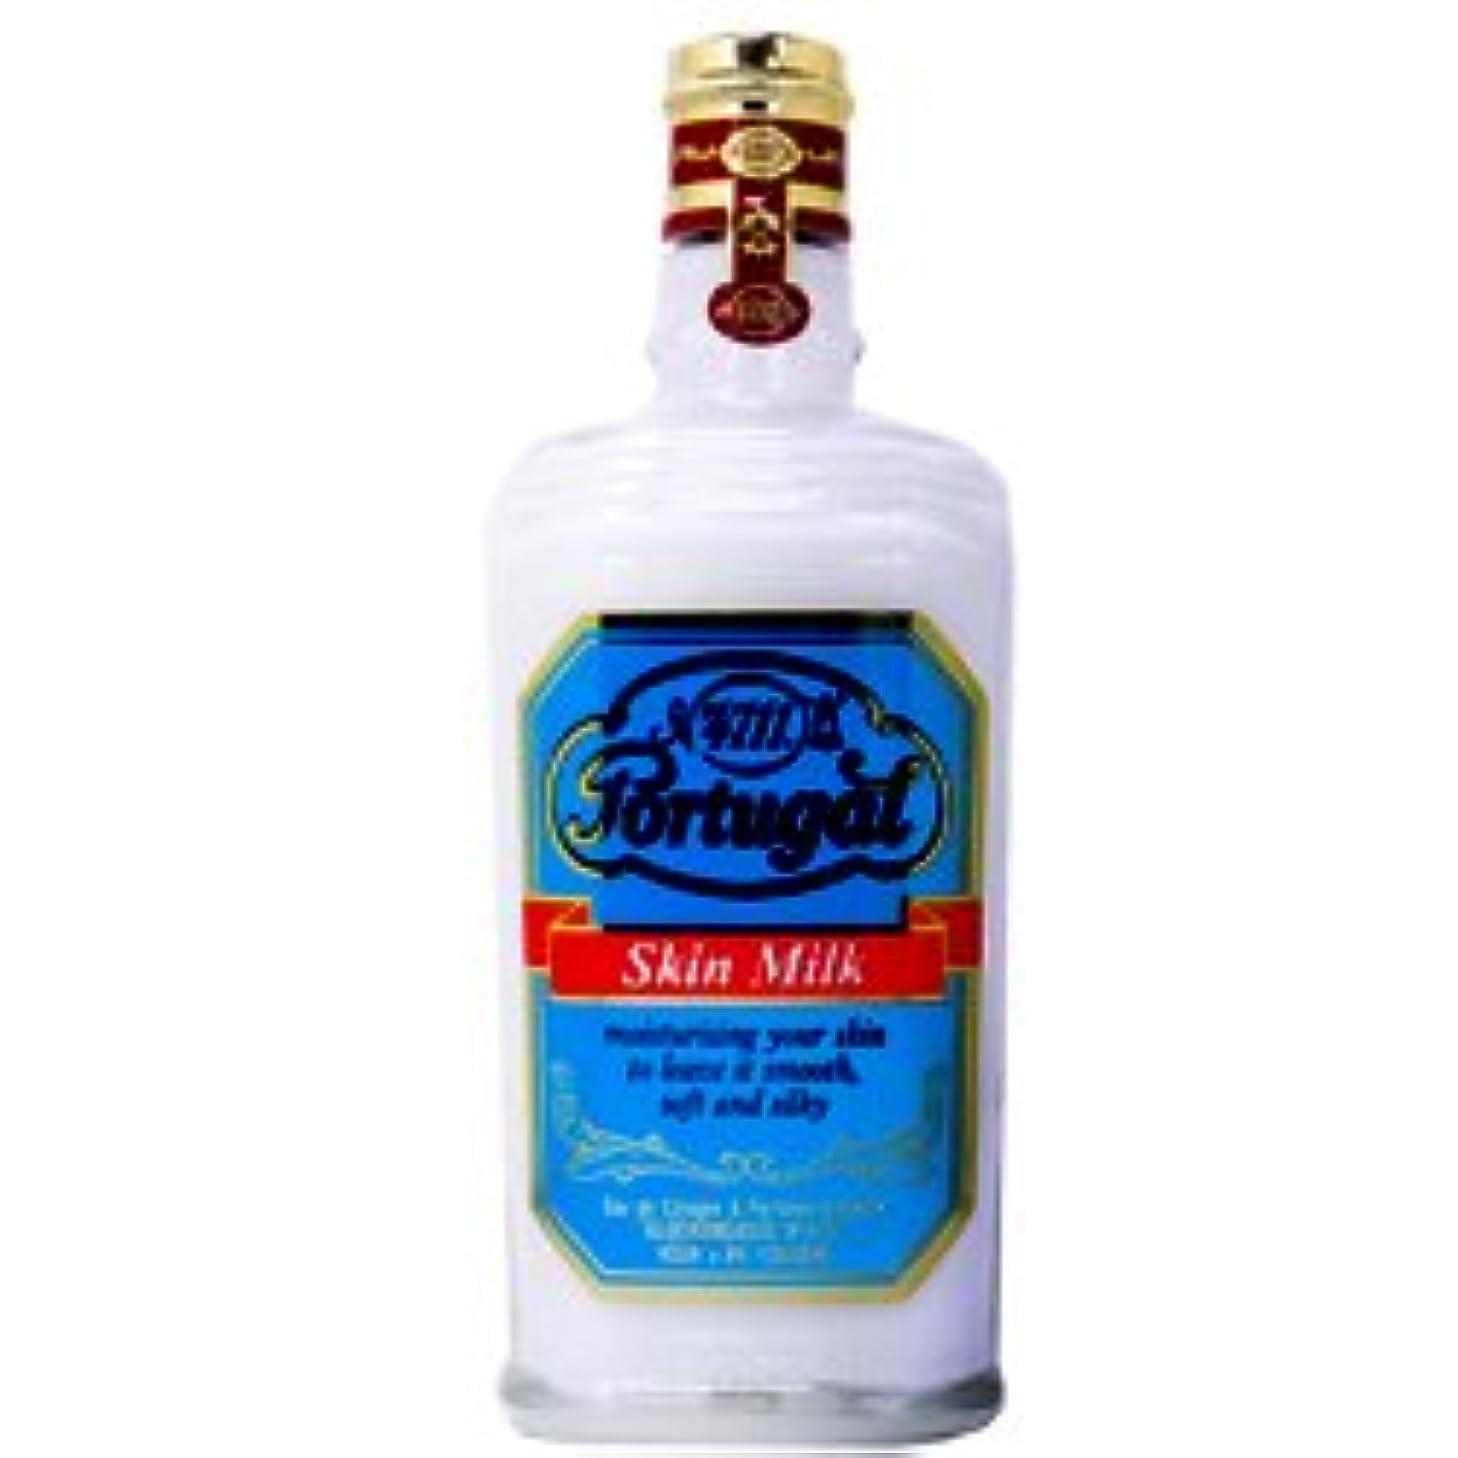 束ねるに対してコンバーチブル柳屋 4711 ポーチュガル スキンミルク (乳液) 150mL